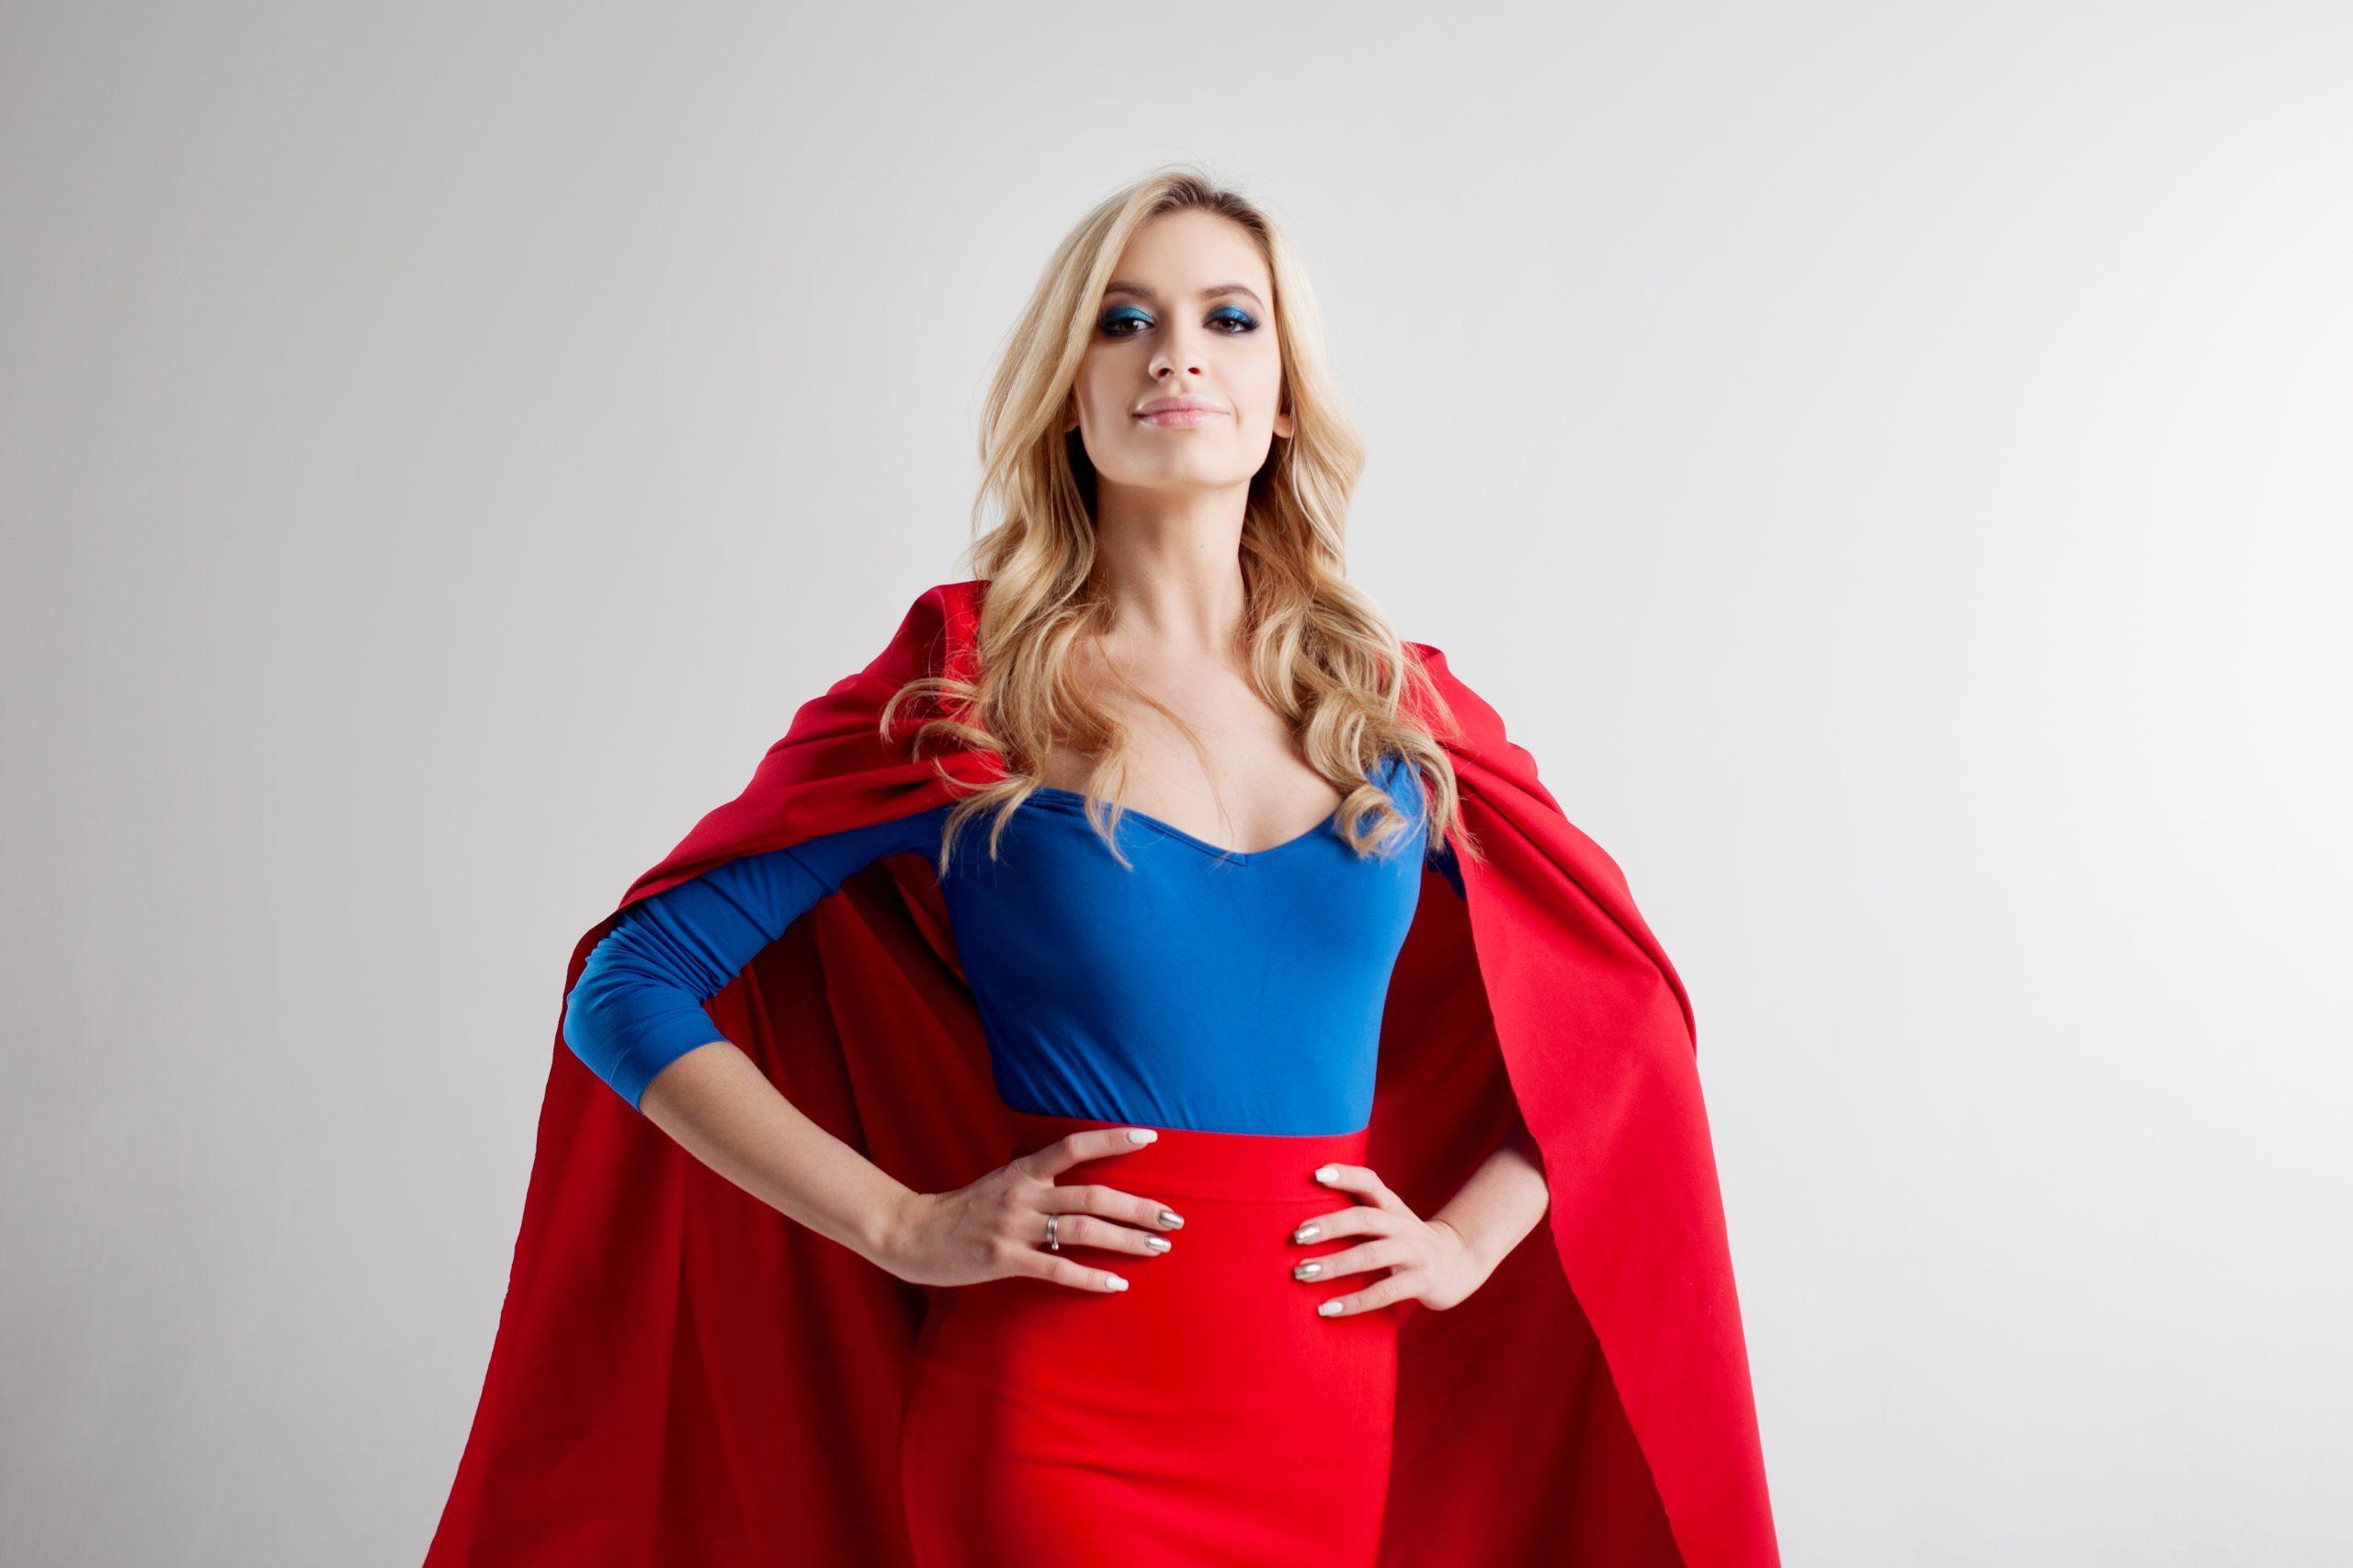 Ich bin eine Superheldin  - Energiecoach Ramona Diedrich